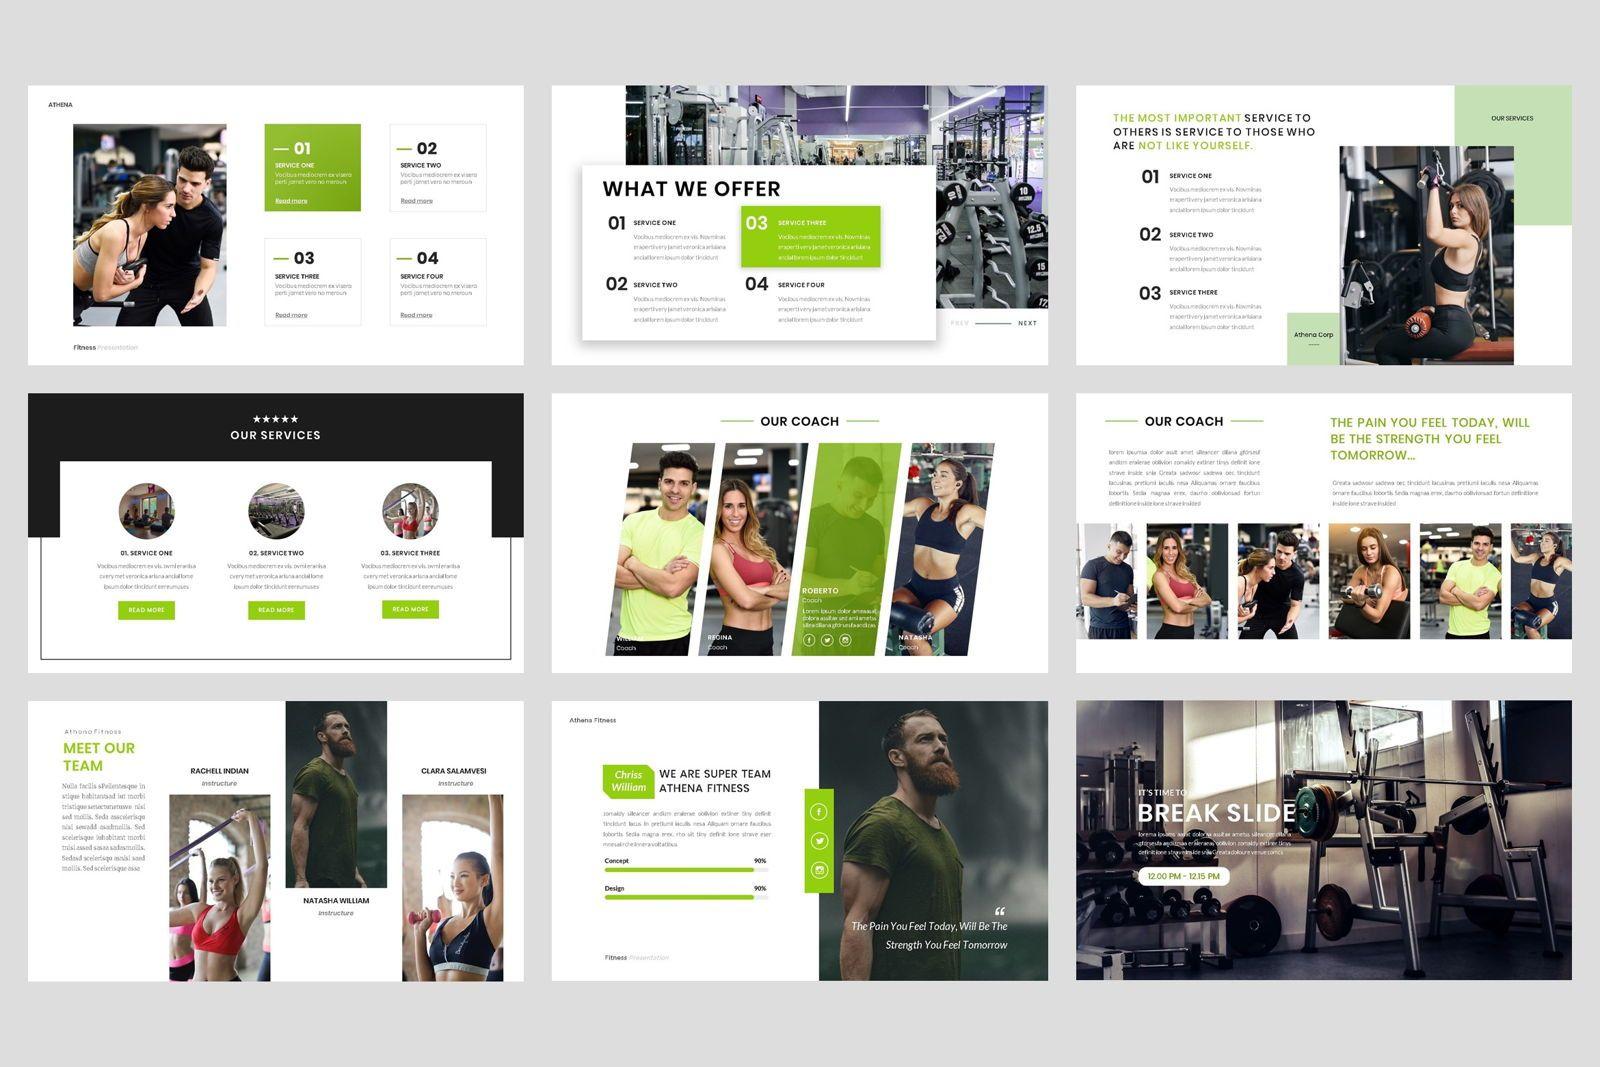 Sport - Fitness Business Workout PowerPoint Template, Slide 3, 08607, Presentation Templates — PoweredTemplate.com